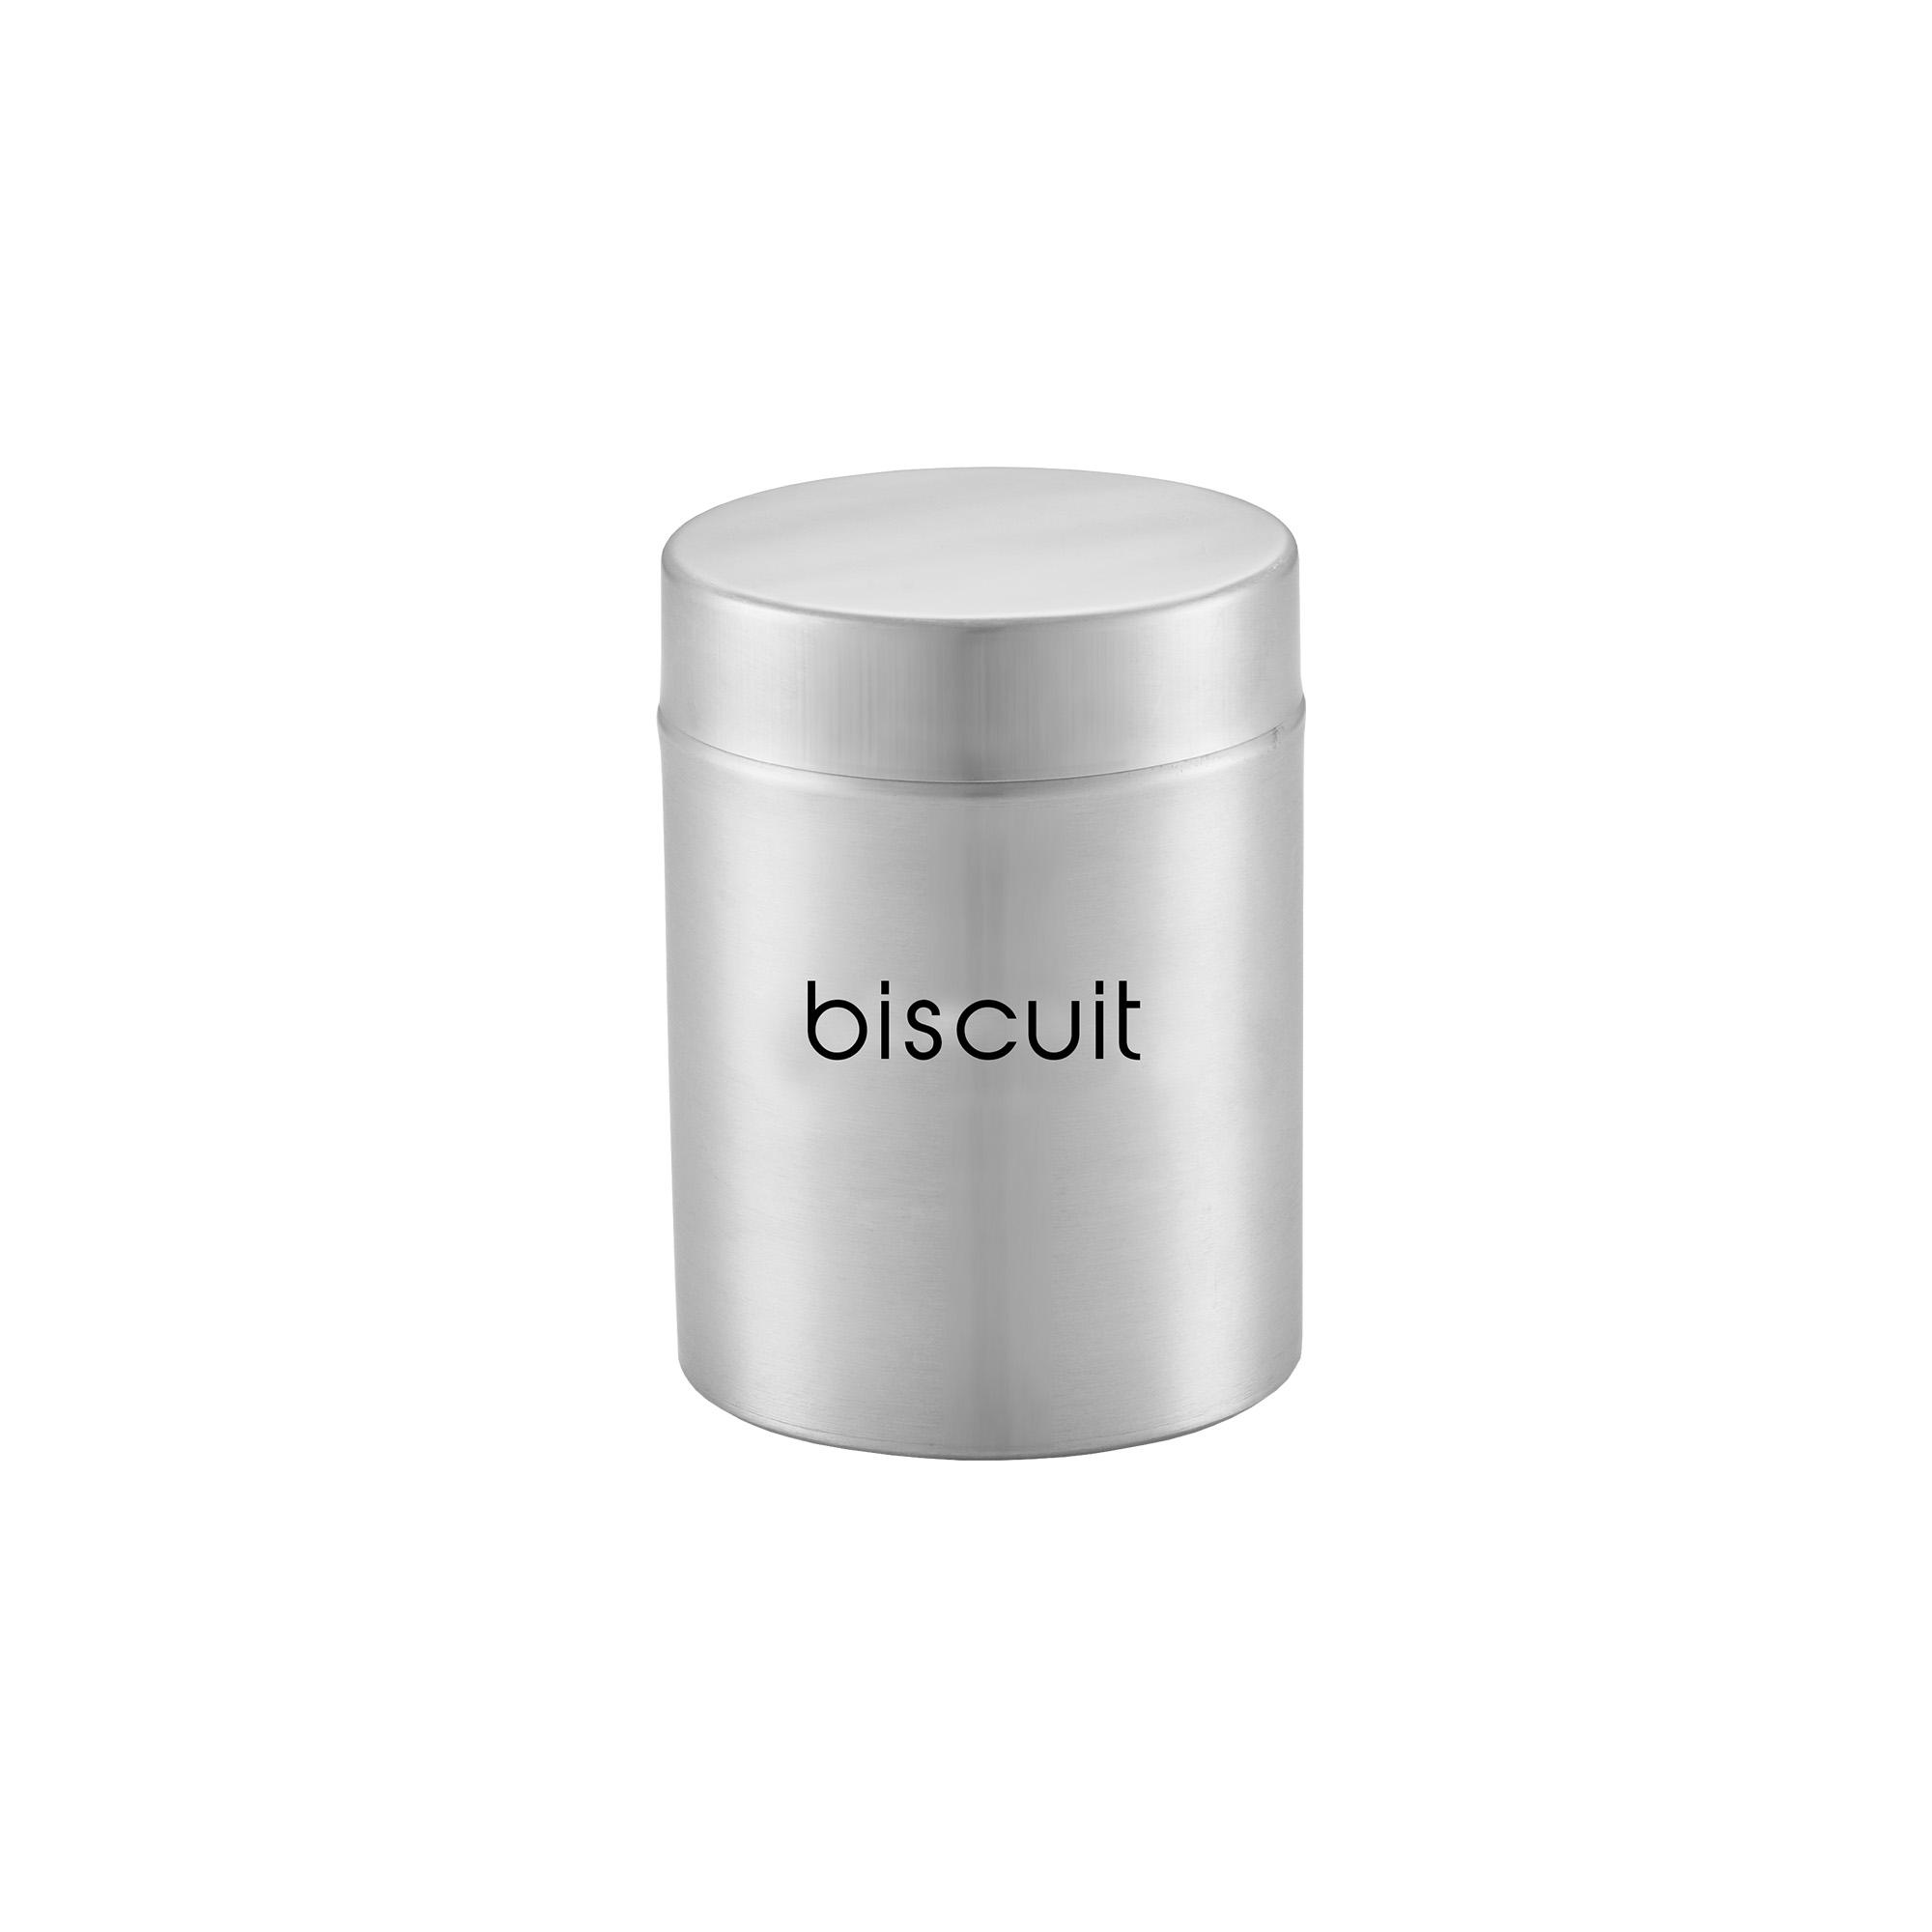 Pote para Biscoito 2,4 Litros Inox Attuale